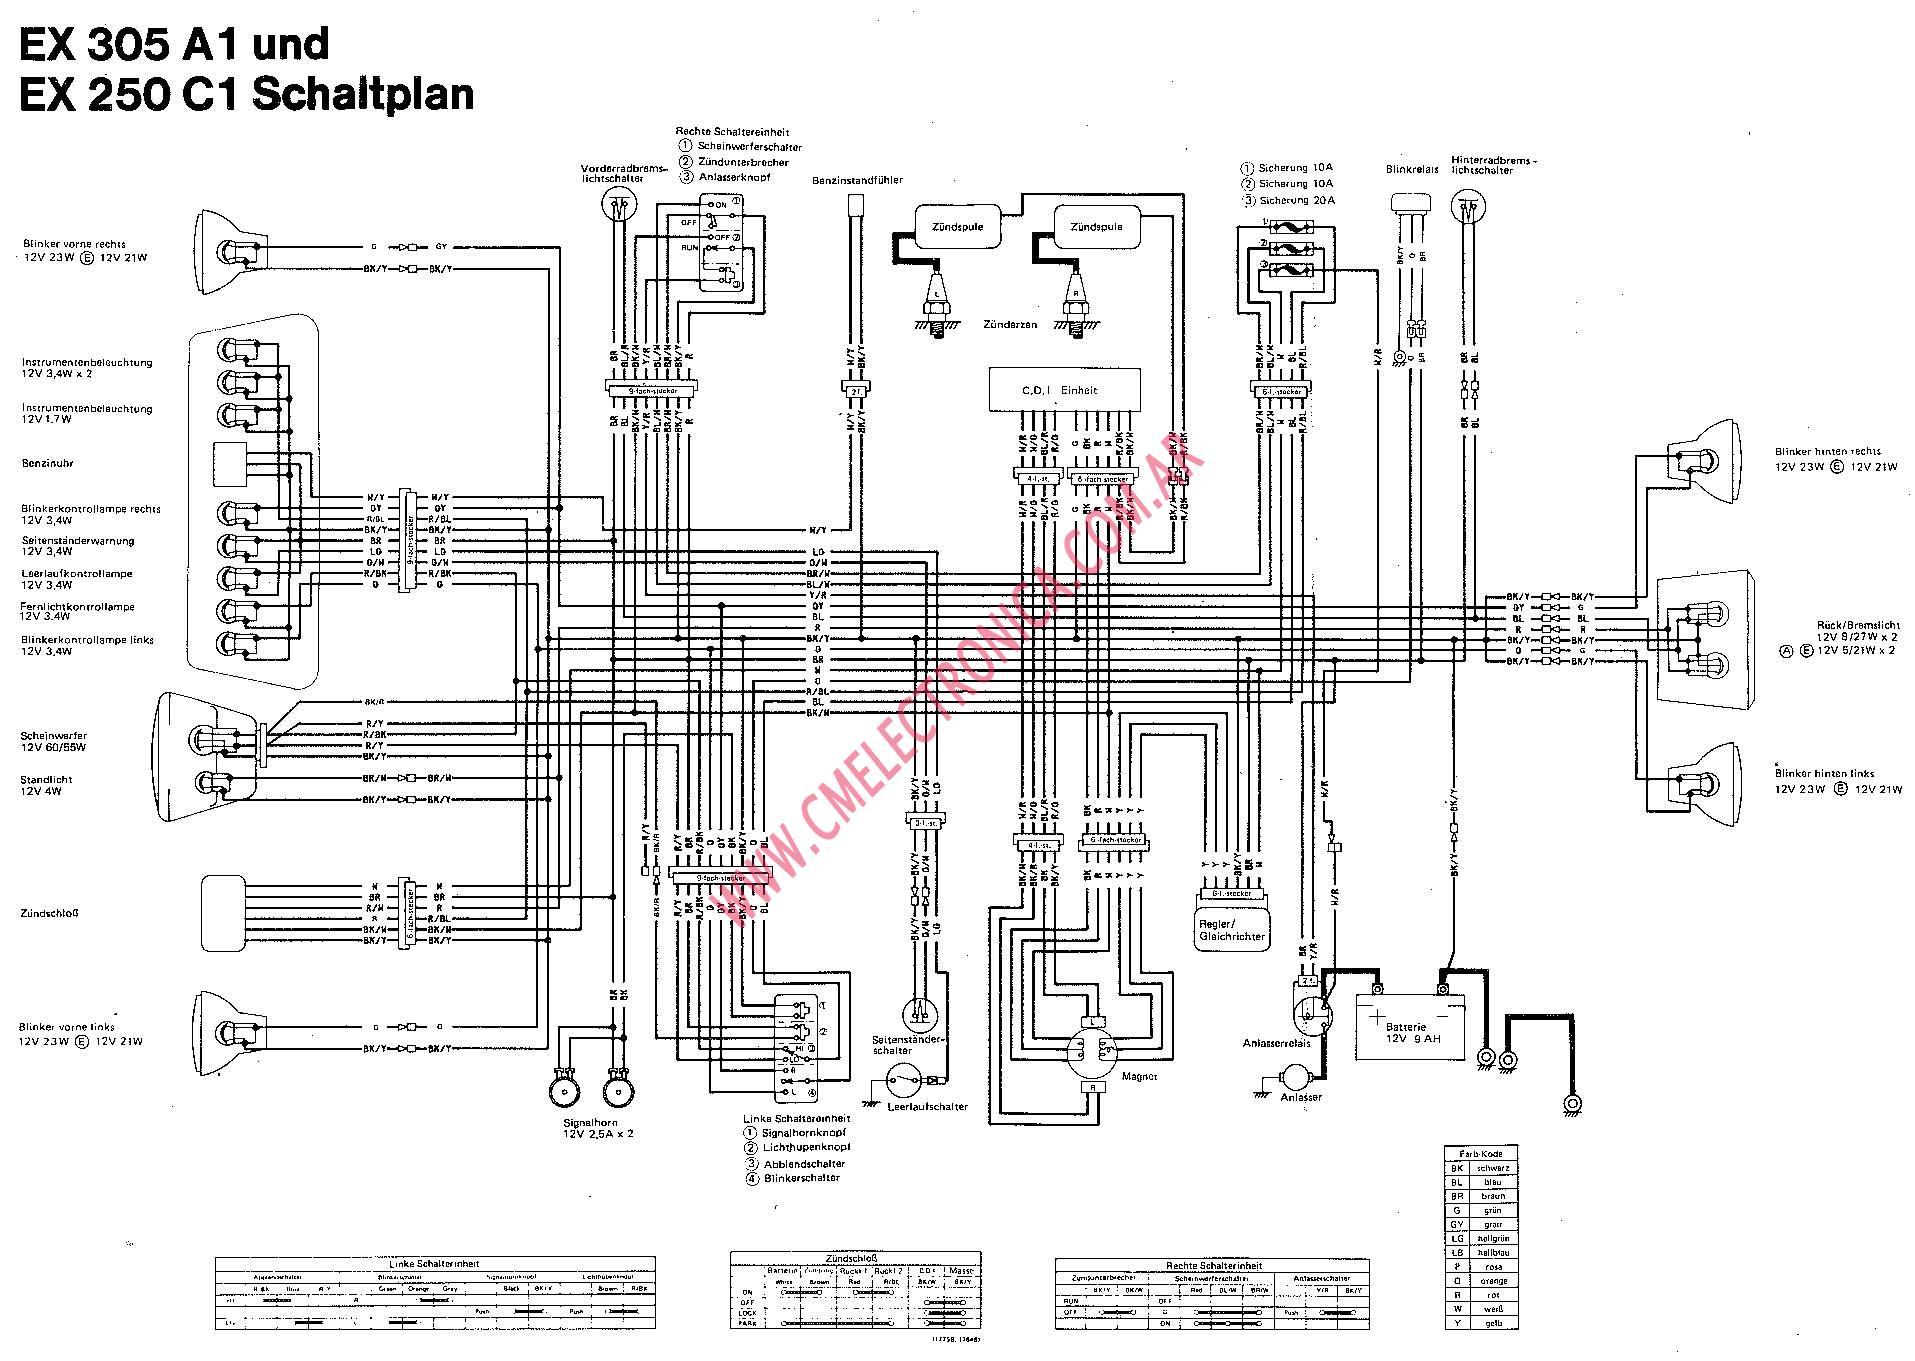 99 Suzuki Quadrunner Wiring Diagram - Wiring Database